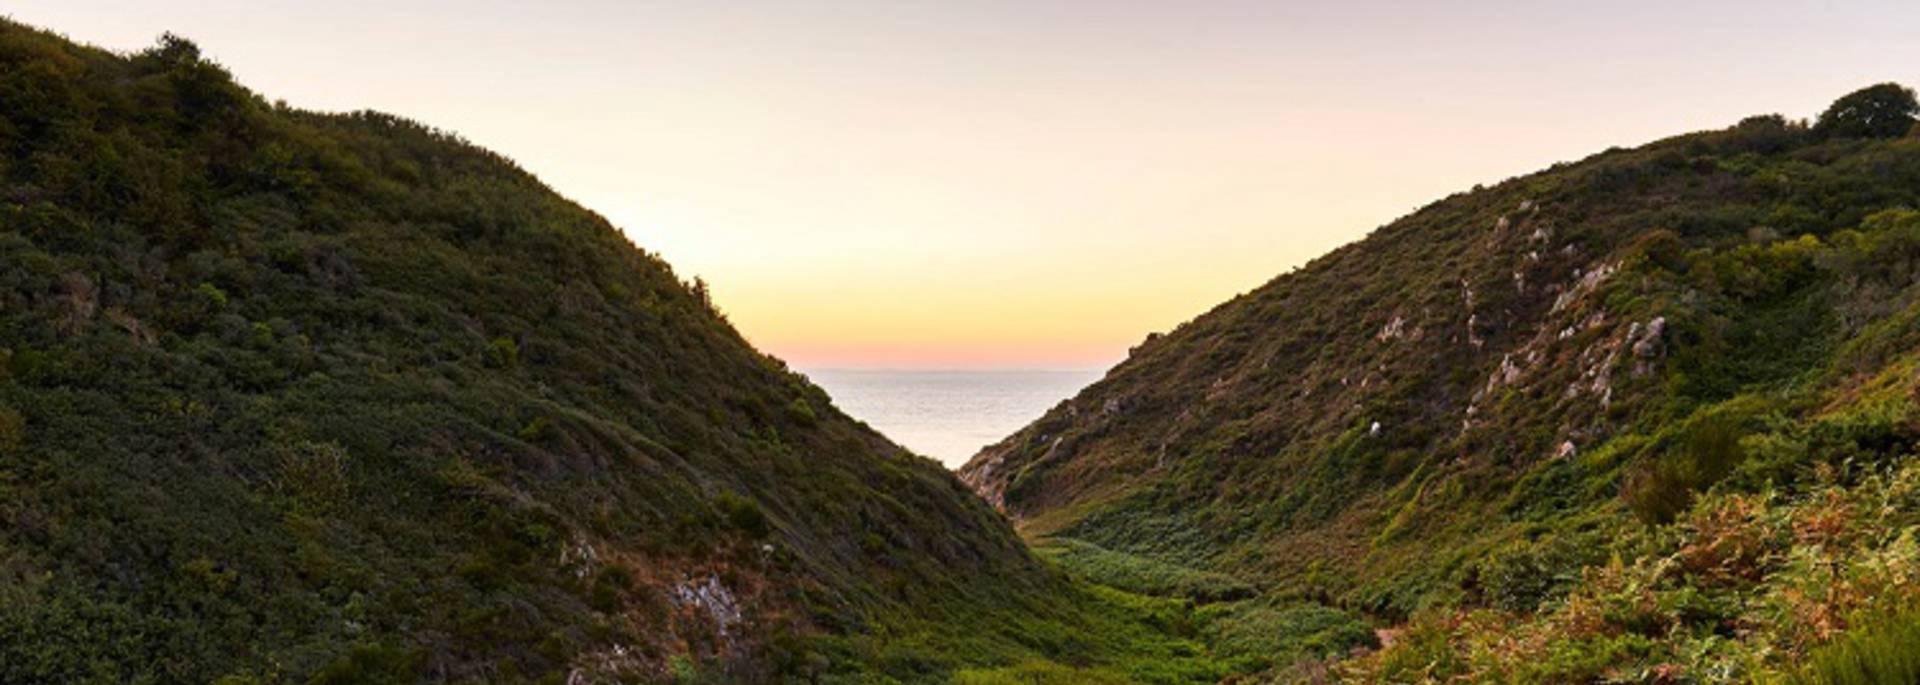 Vallée du Lude carolles Normandie Manche préservé insolite